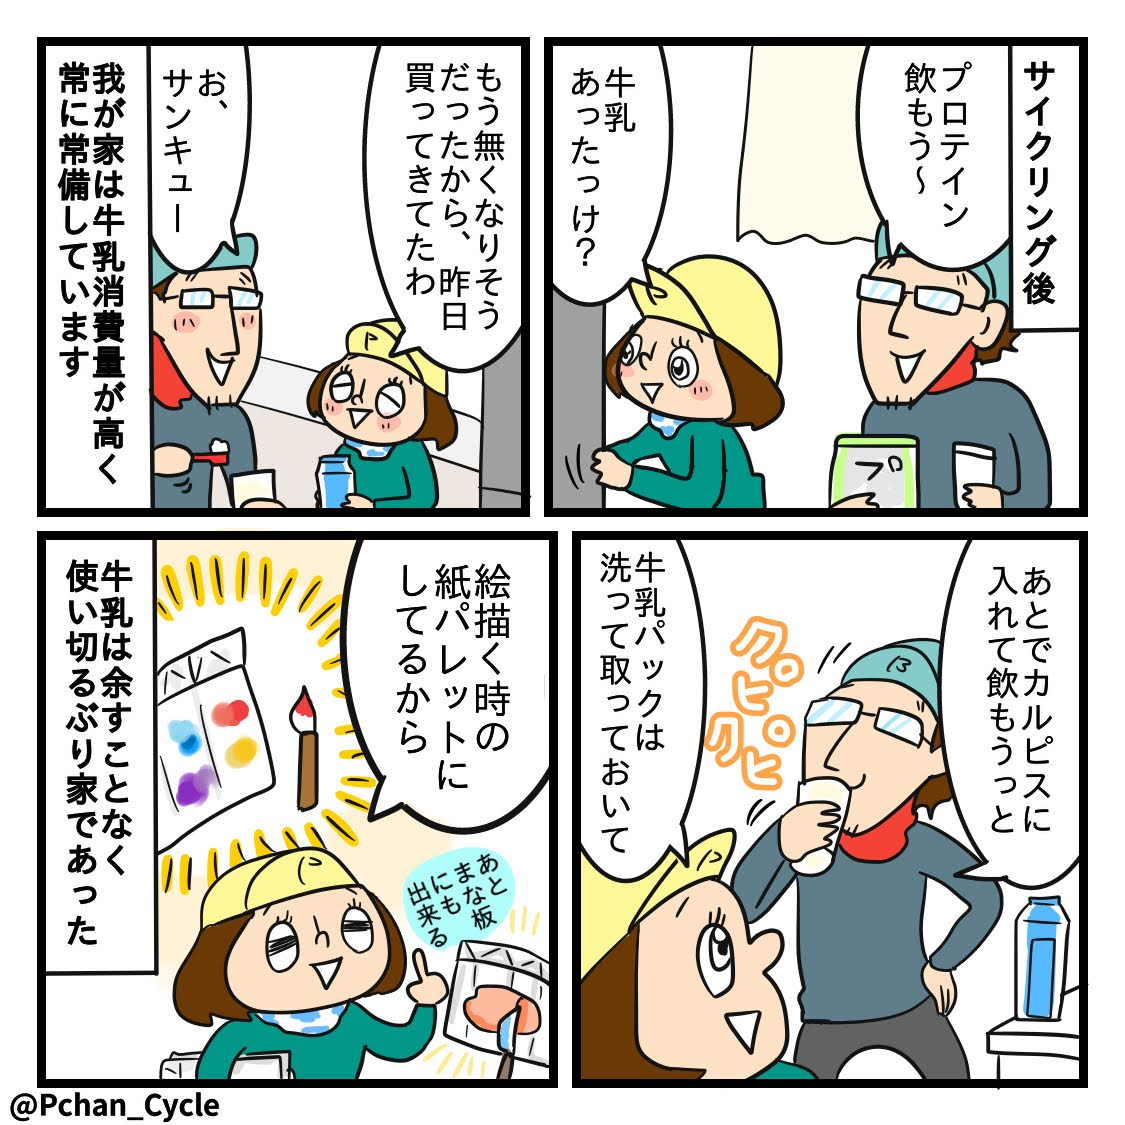 【日常漫画】牛乳消費量が高いぶり家。余すところなく使い切る!